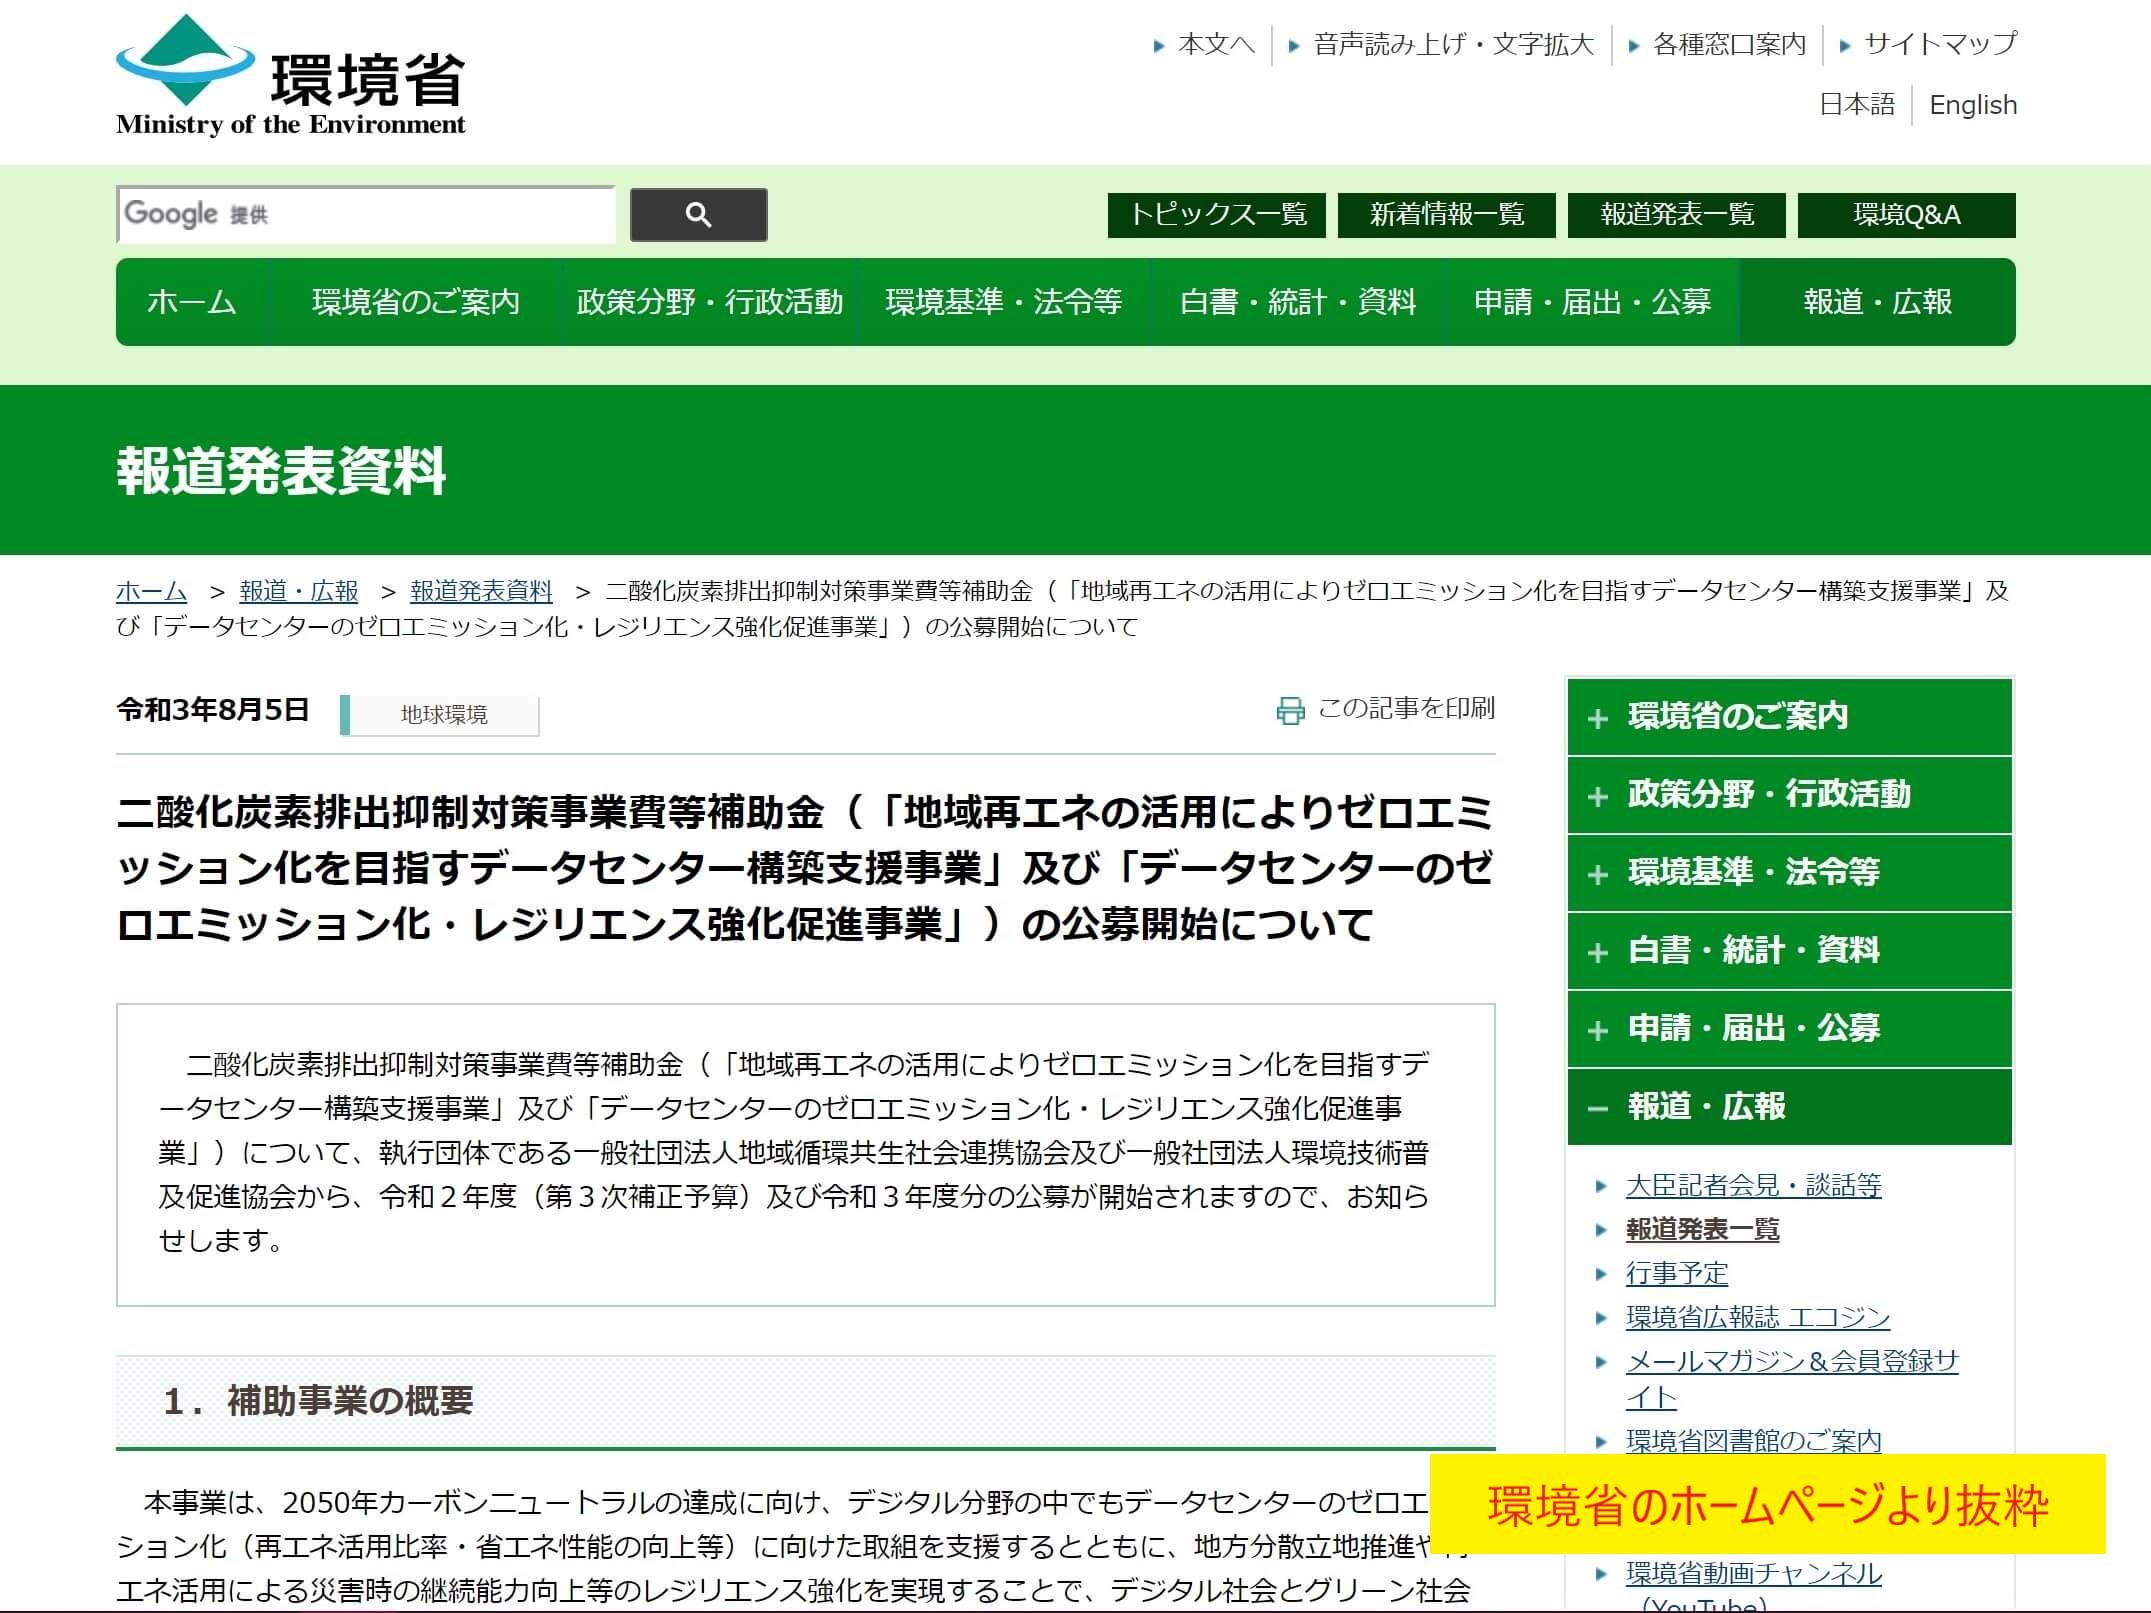 令和3年8月5日 環境省 報道発表資料